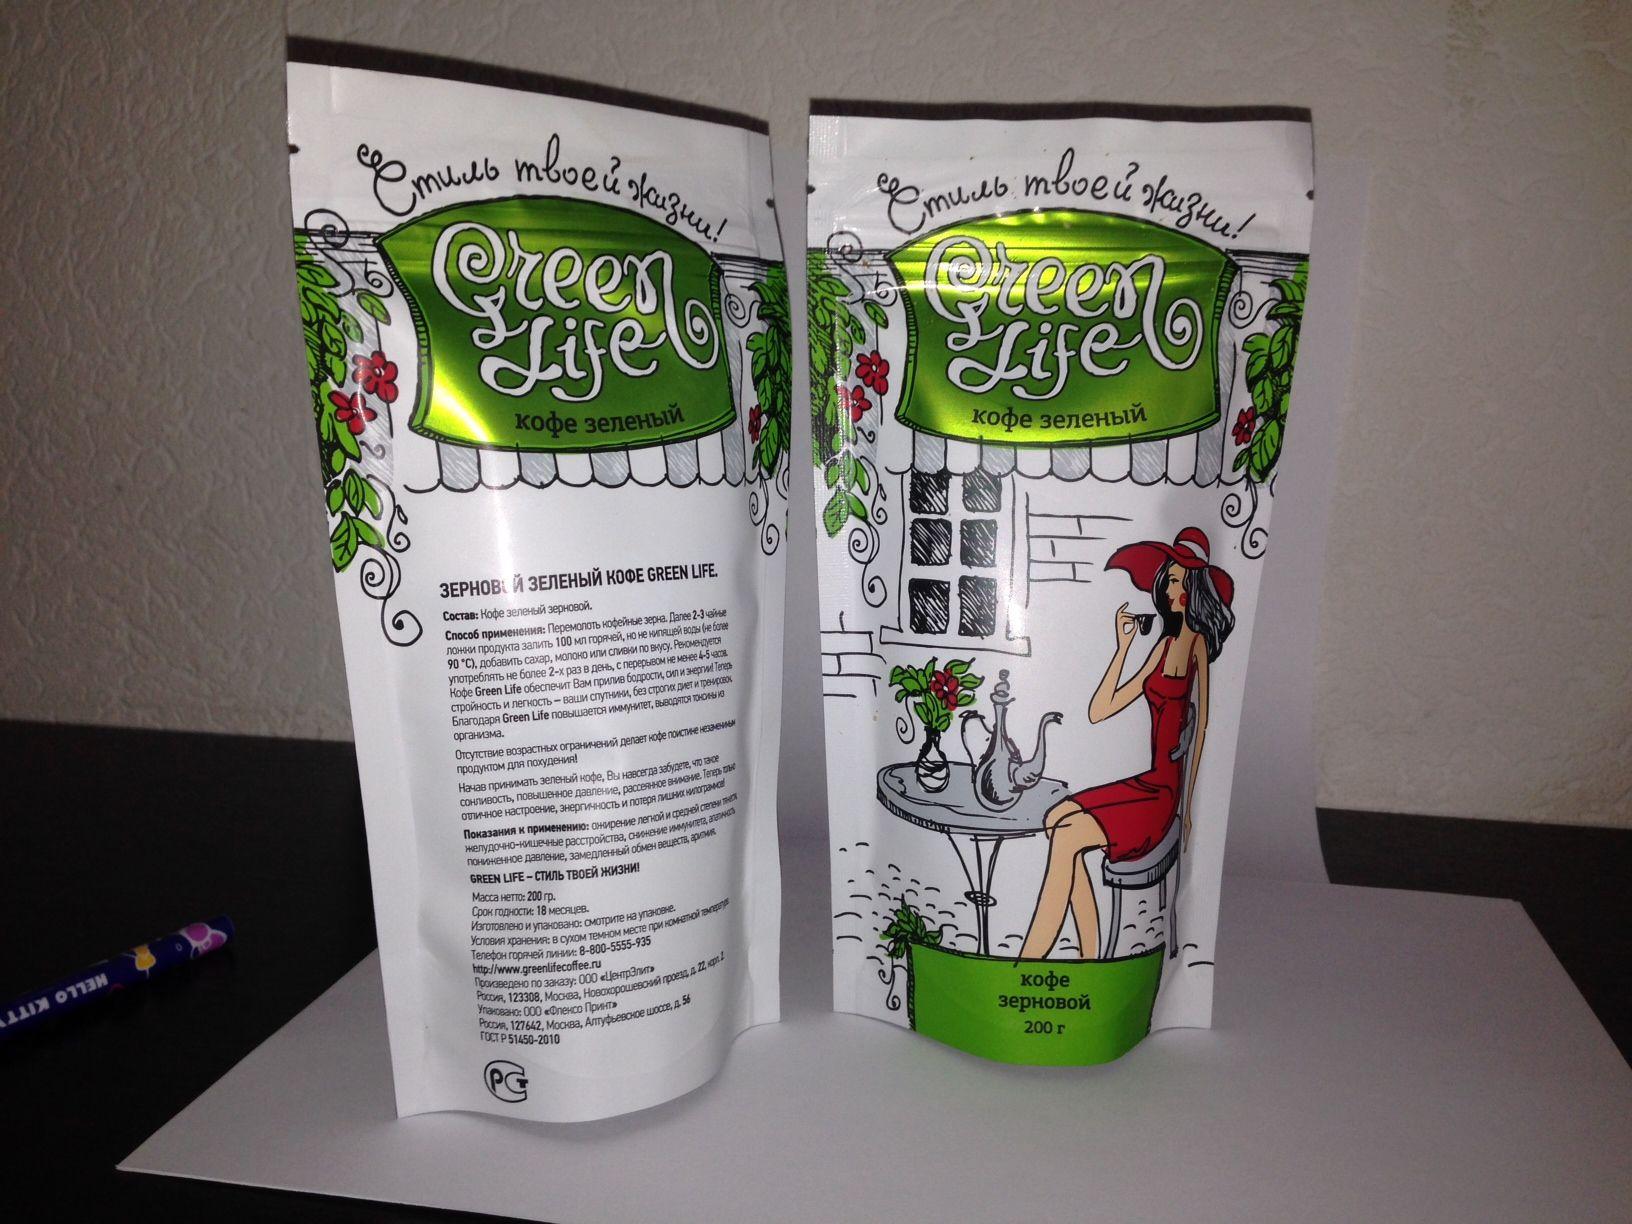 Зеленый Кофе Для Кто Похудел. Зеленый кофе для похудения